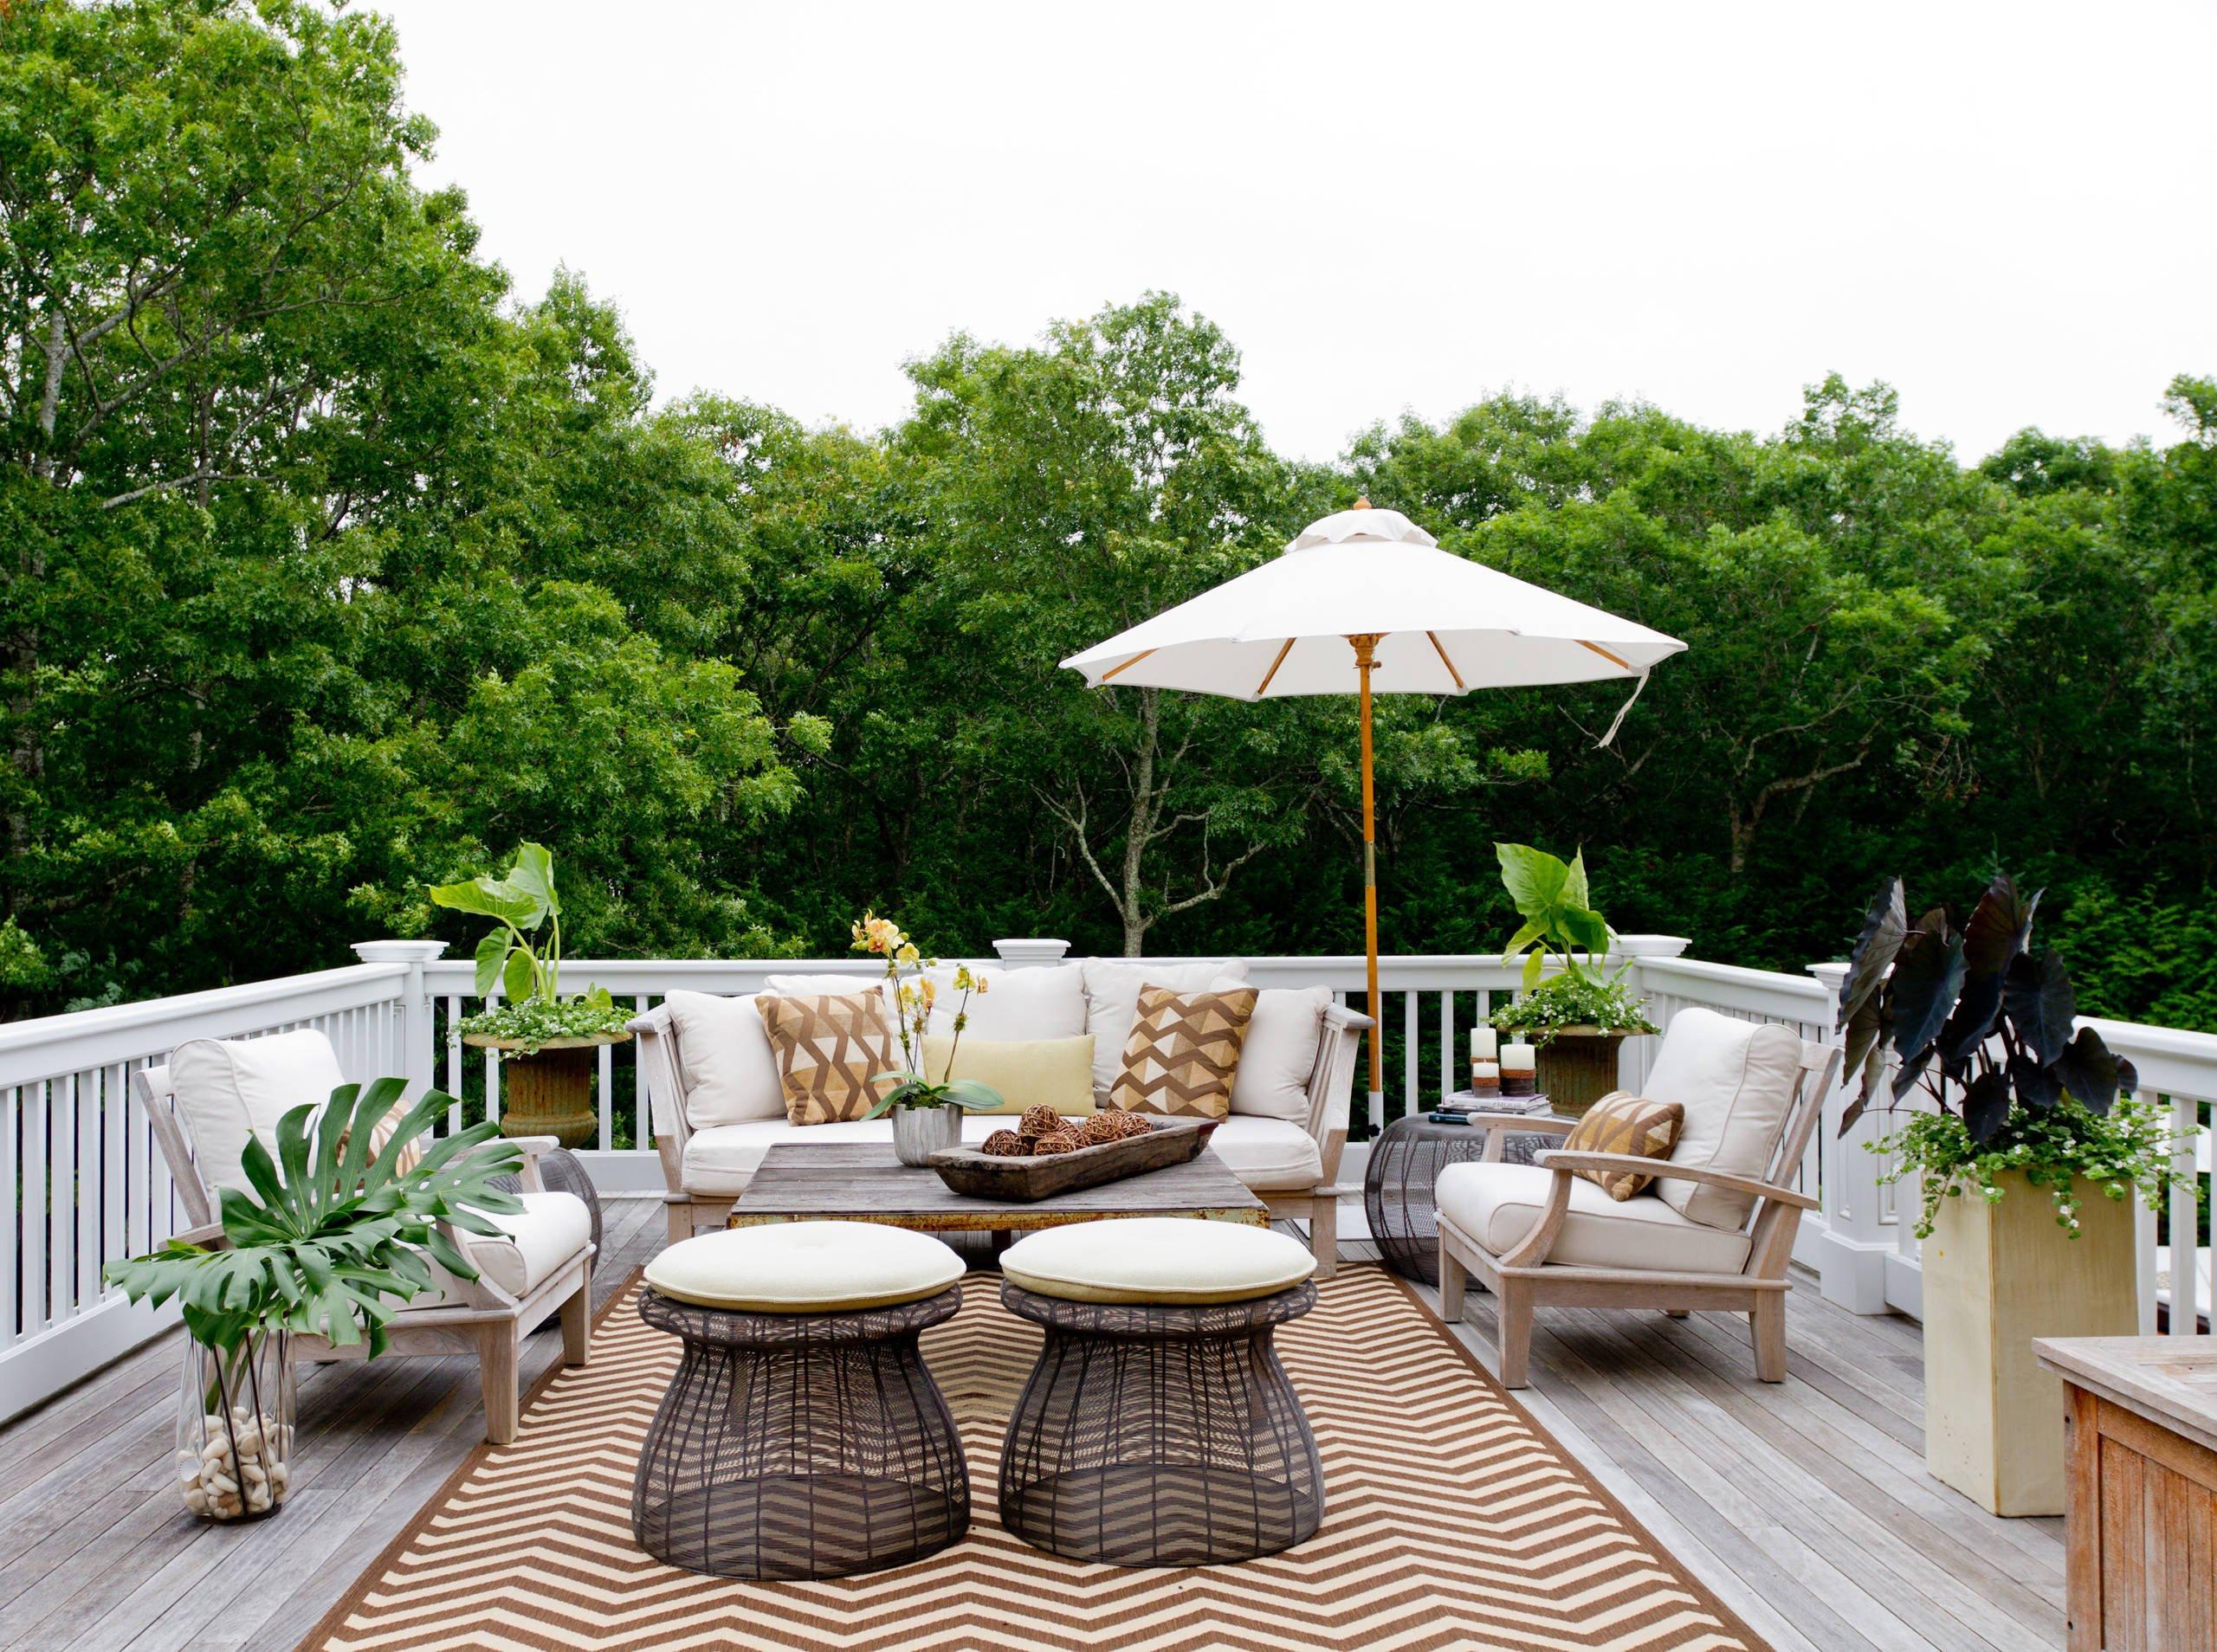 Welcher Form vom Sonnenschirm sollten Sie wählen, sodass Sie den optimalen Sonnenschutz im Sommer genießen?